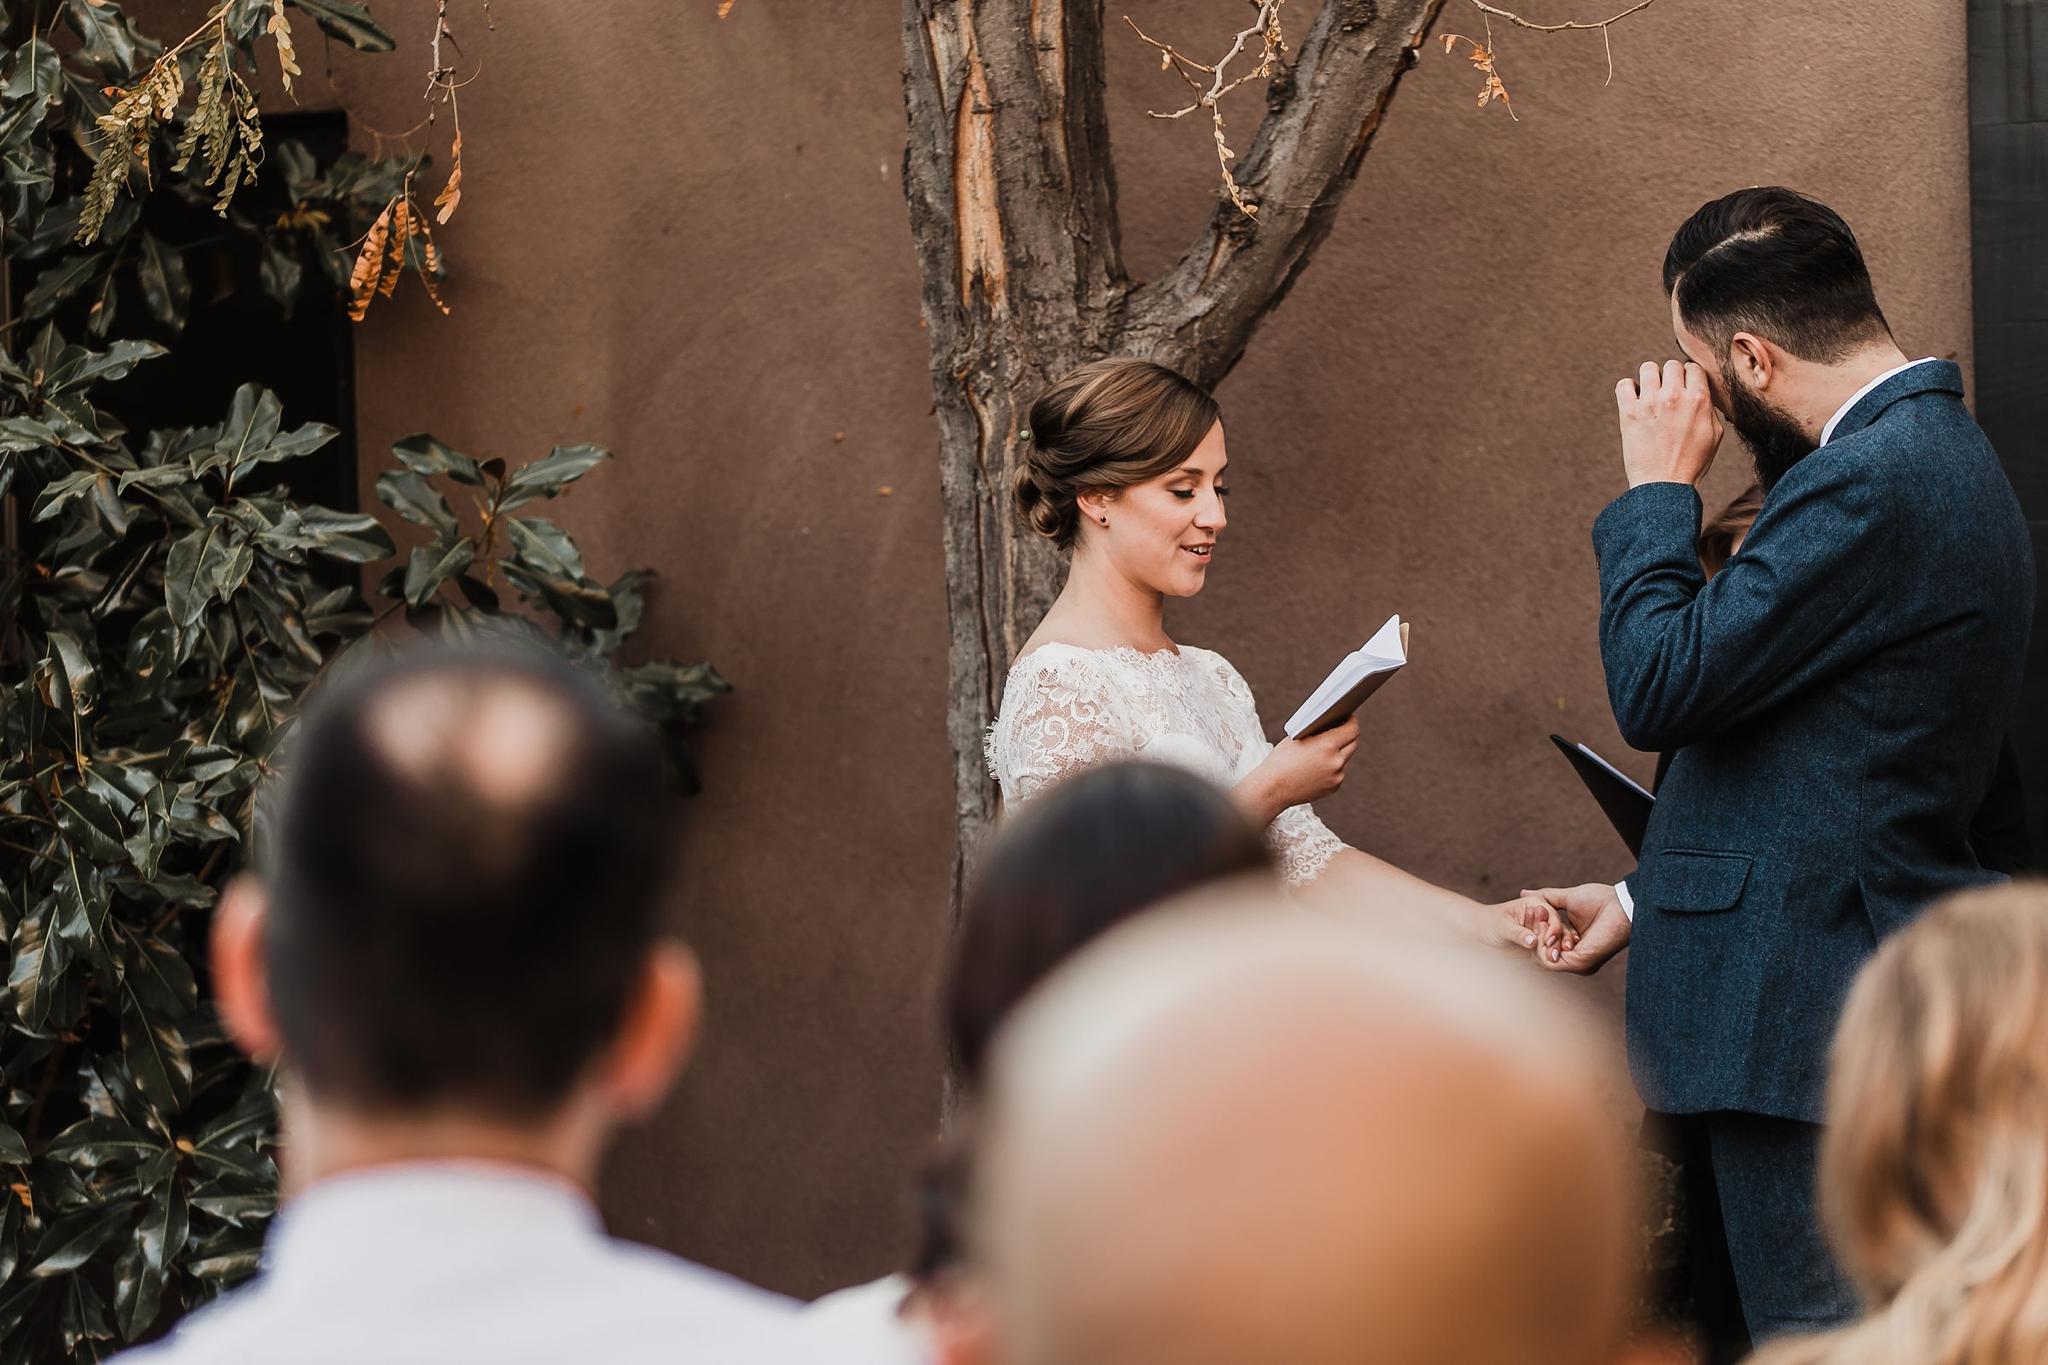 Alicia+lucia+photography+-+albuquerque+wedding+photographer+-+santa+fe+wedding+photography+-+new+mexico+wedding+photographer+-+new+mexico+wedding+-+wedding+vows+-+writing+your+own+vows+-+wedding+inspo_0018.jpg